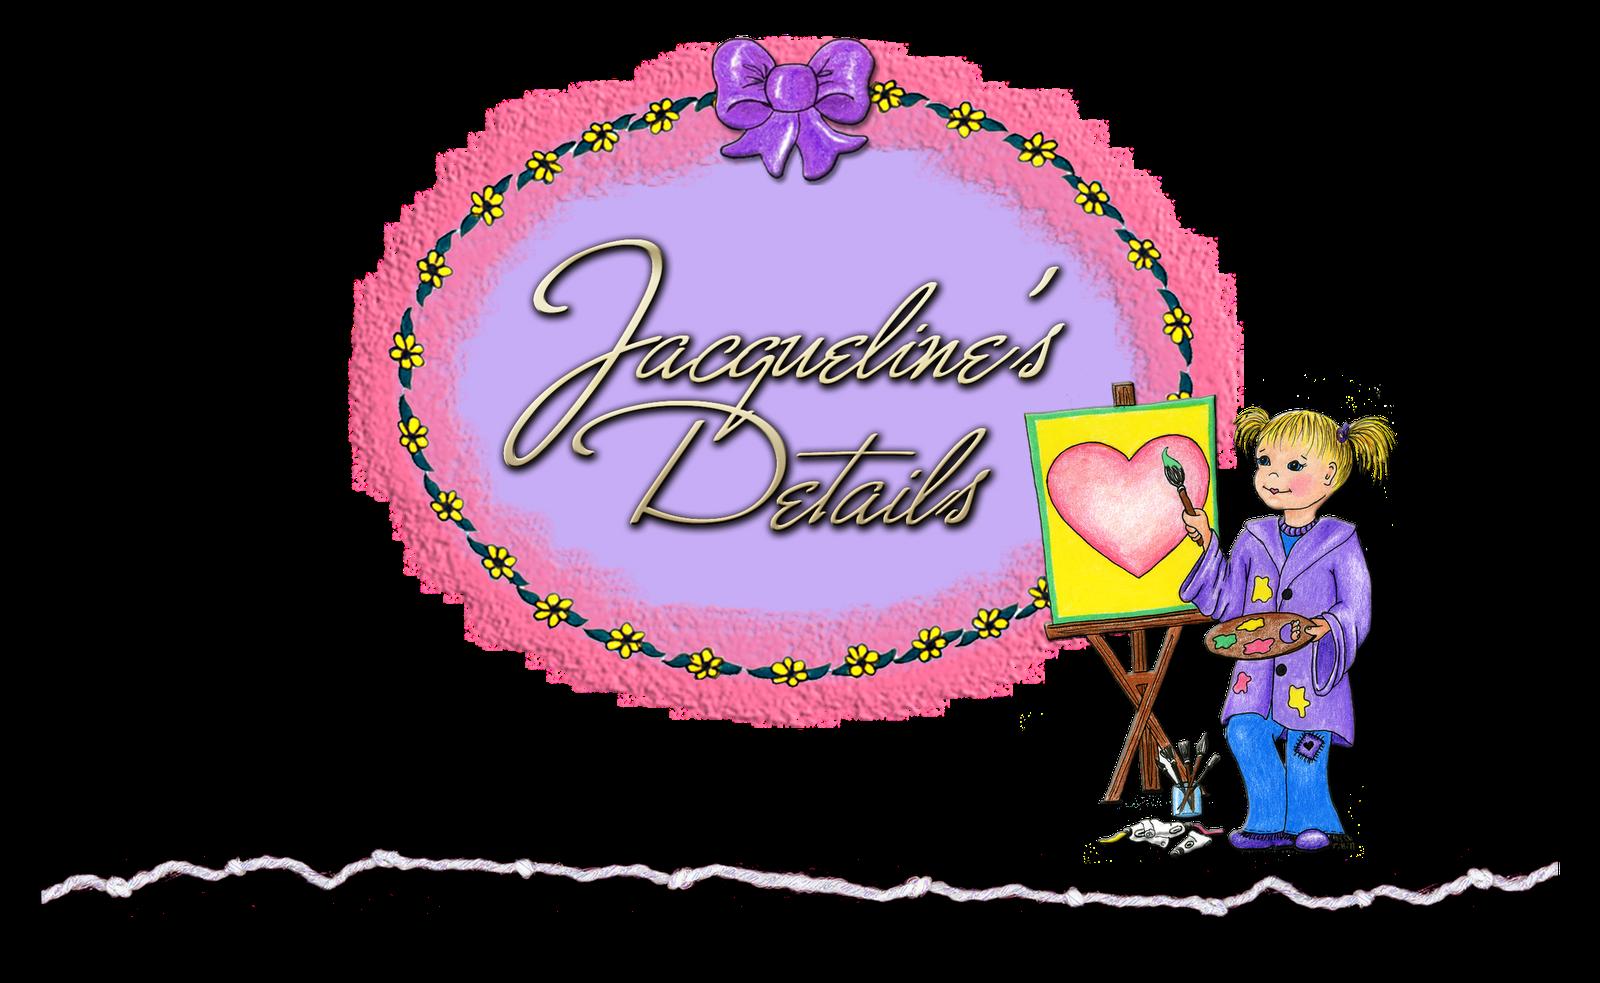 Jacqueline's Details